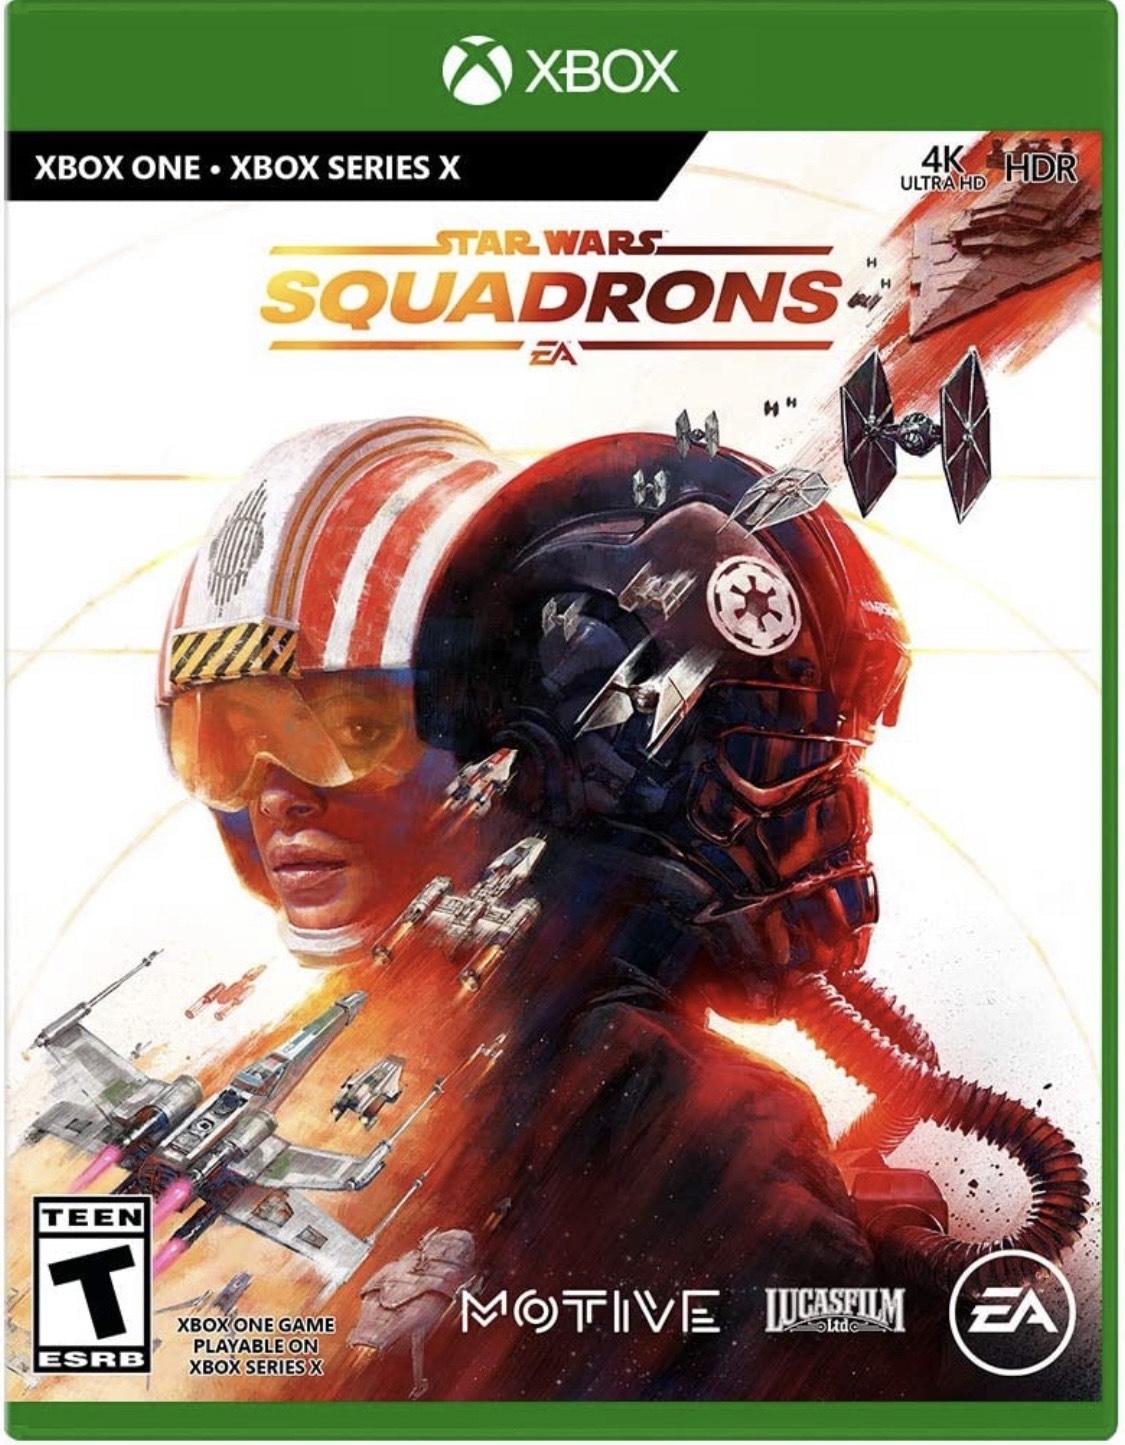 Star Wars Squadrons za 100.51 zł (z wliczoną 9 dolarową wysyłką) na Amazon.com - troszkę taniej niż w polskich sklepach. XBOX ONE / PS4